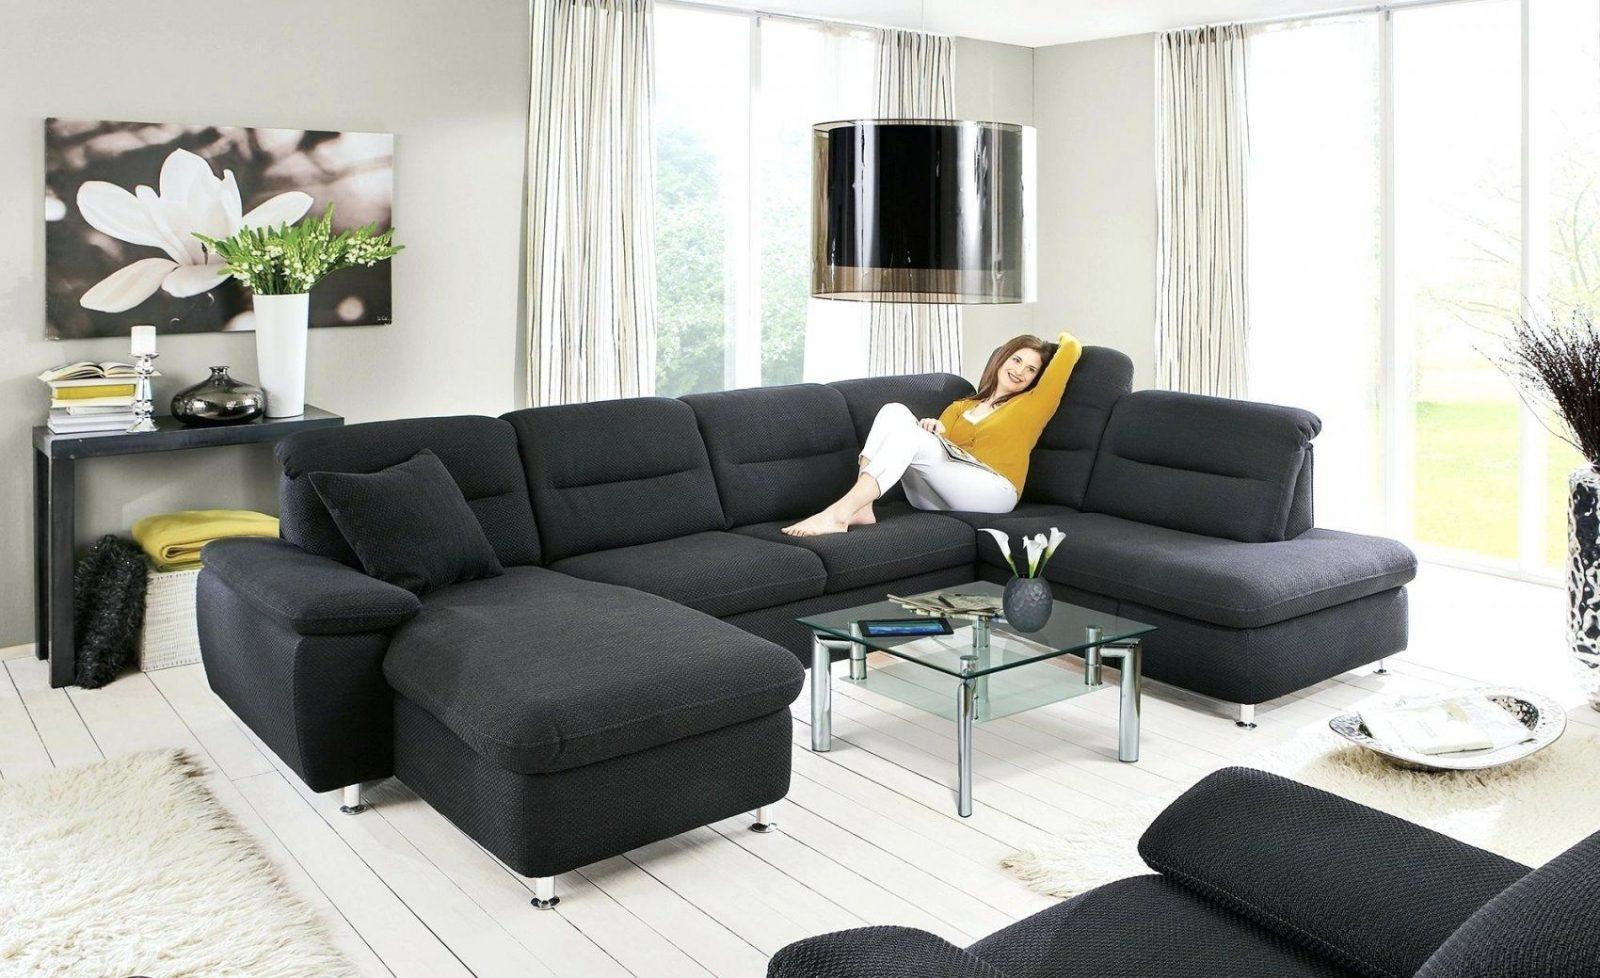 Welche Wohnzimmer Farbe Passt Zu Roter Couch Wohnzimmer Farbe